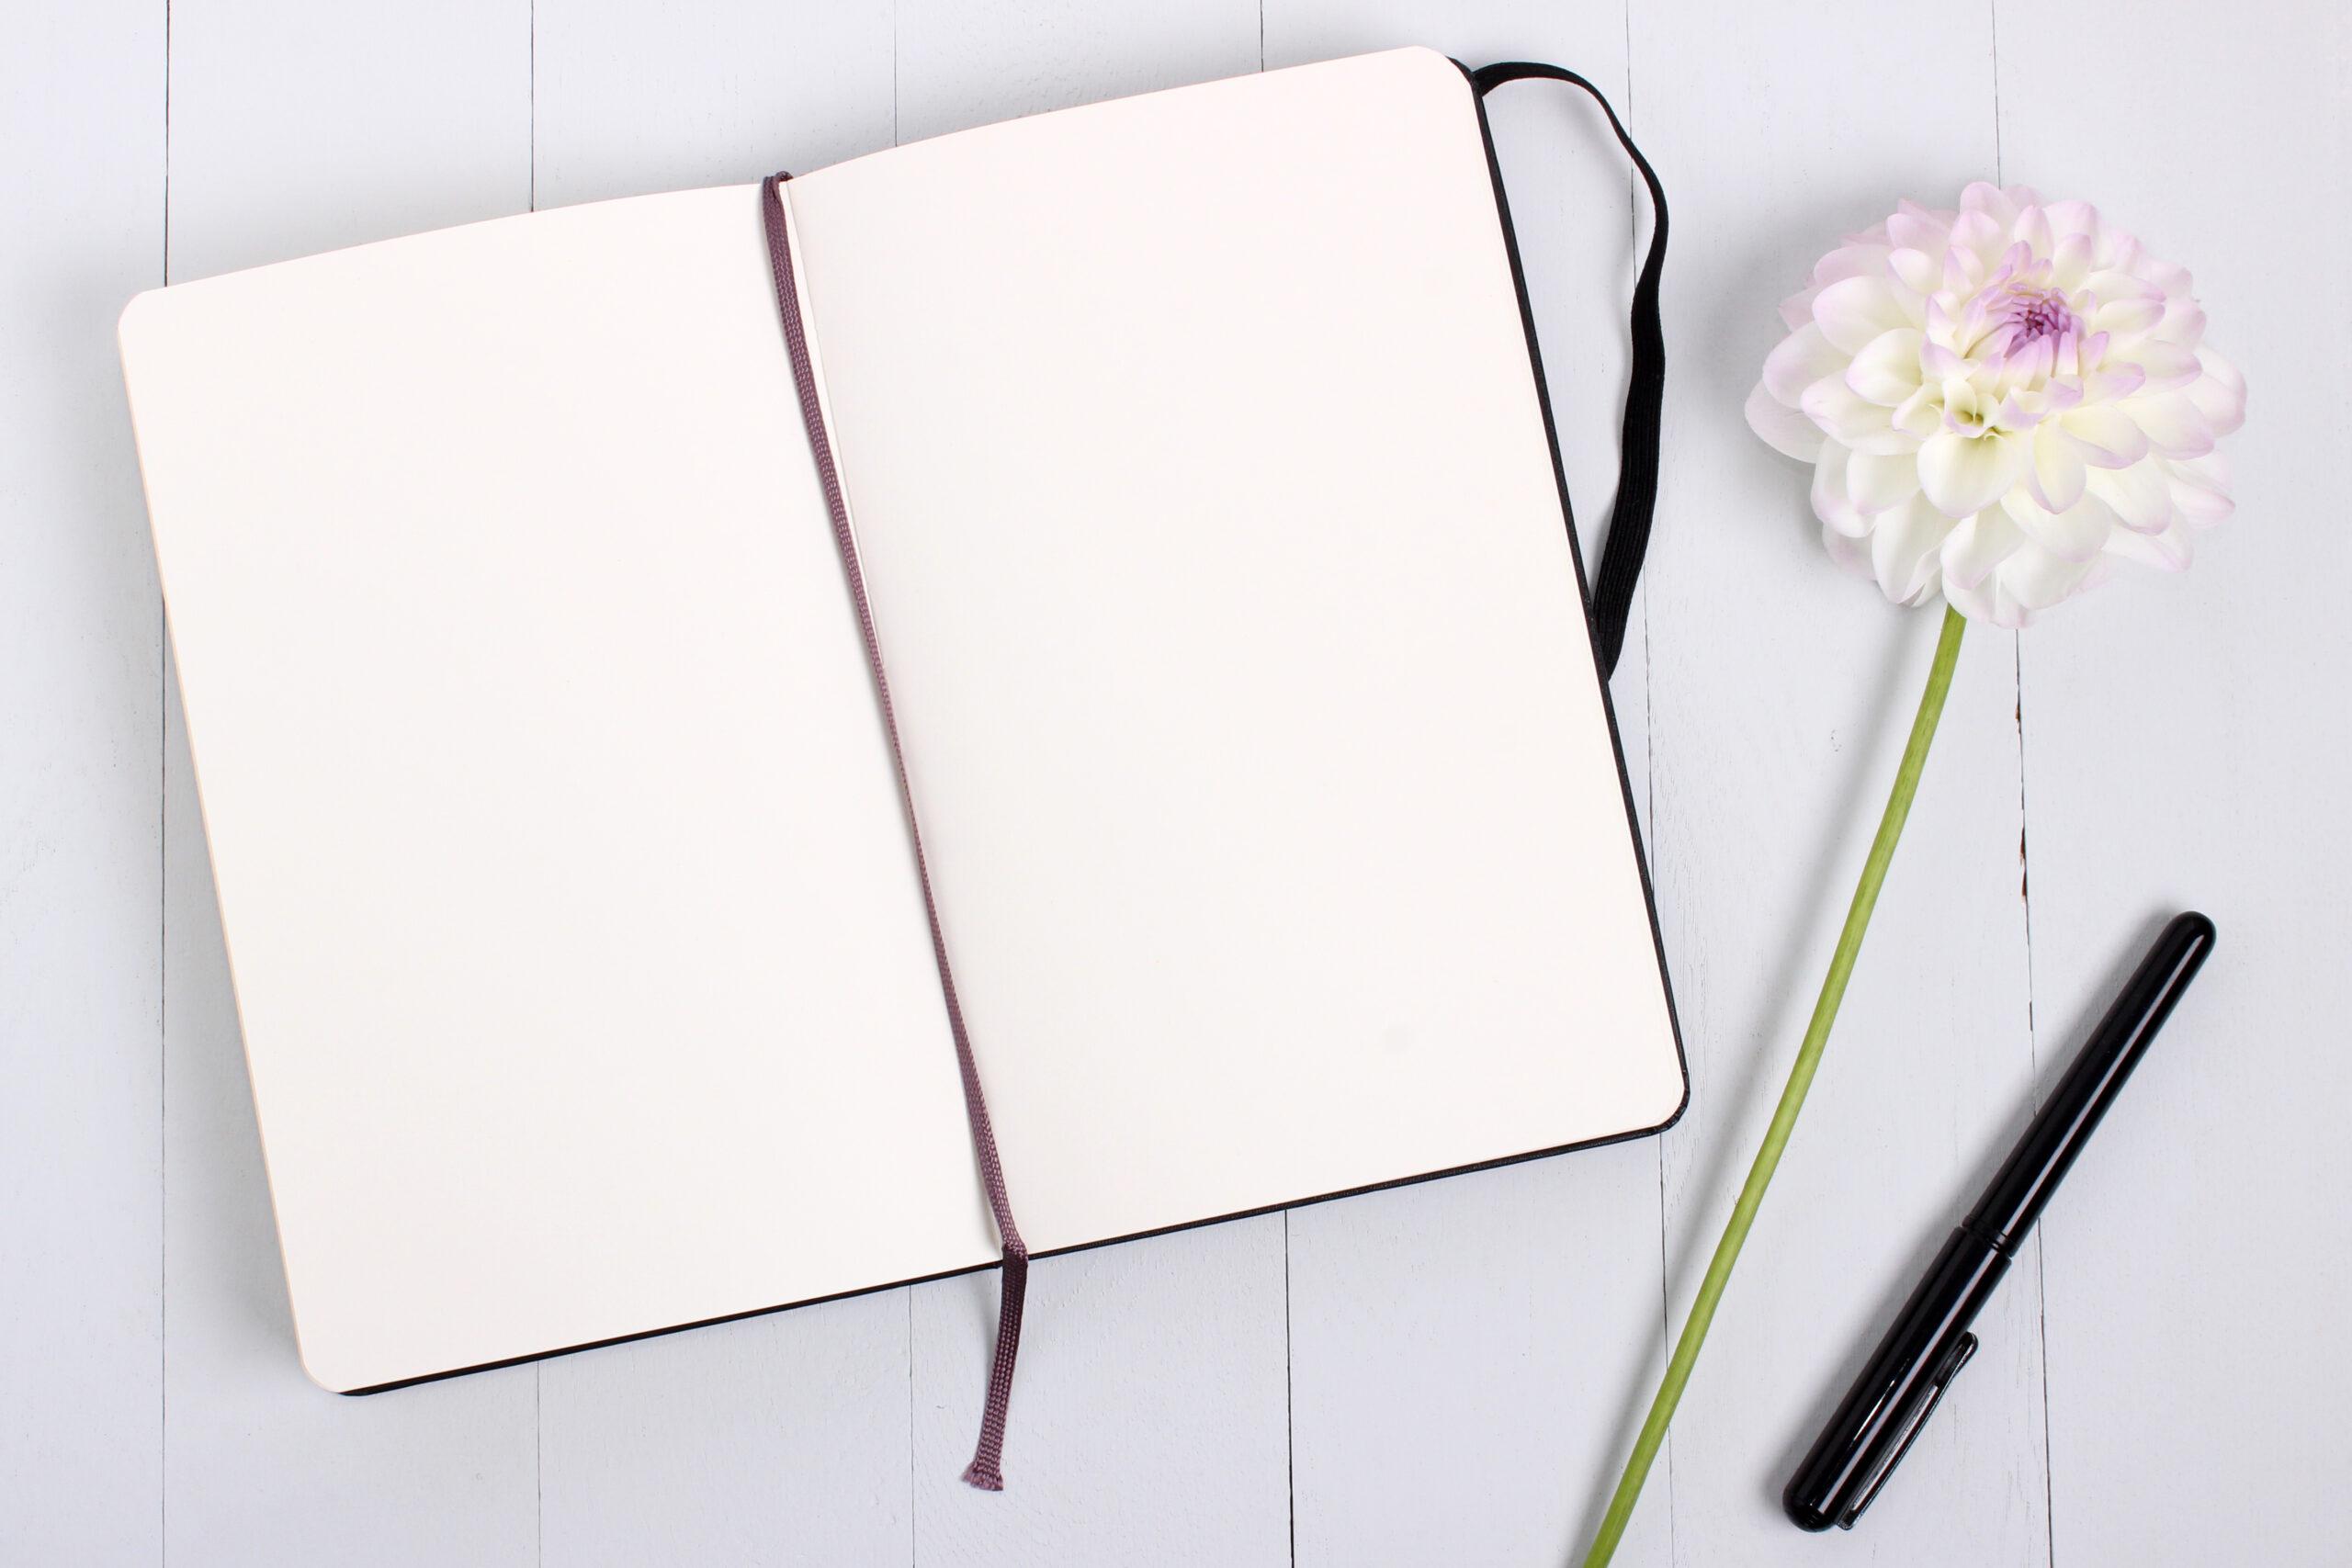 Arbeitsalltag in der Wissenschaft (Teil 2) Methoden: welche helfen mir, meinen Alltag besser zu fassen?